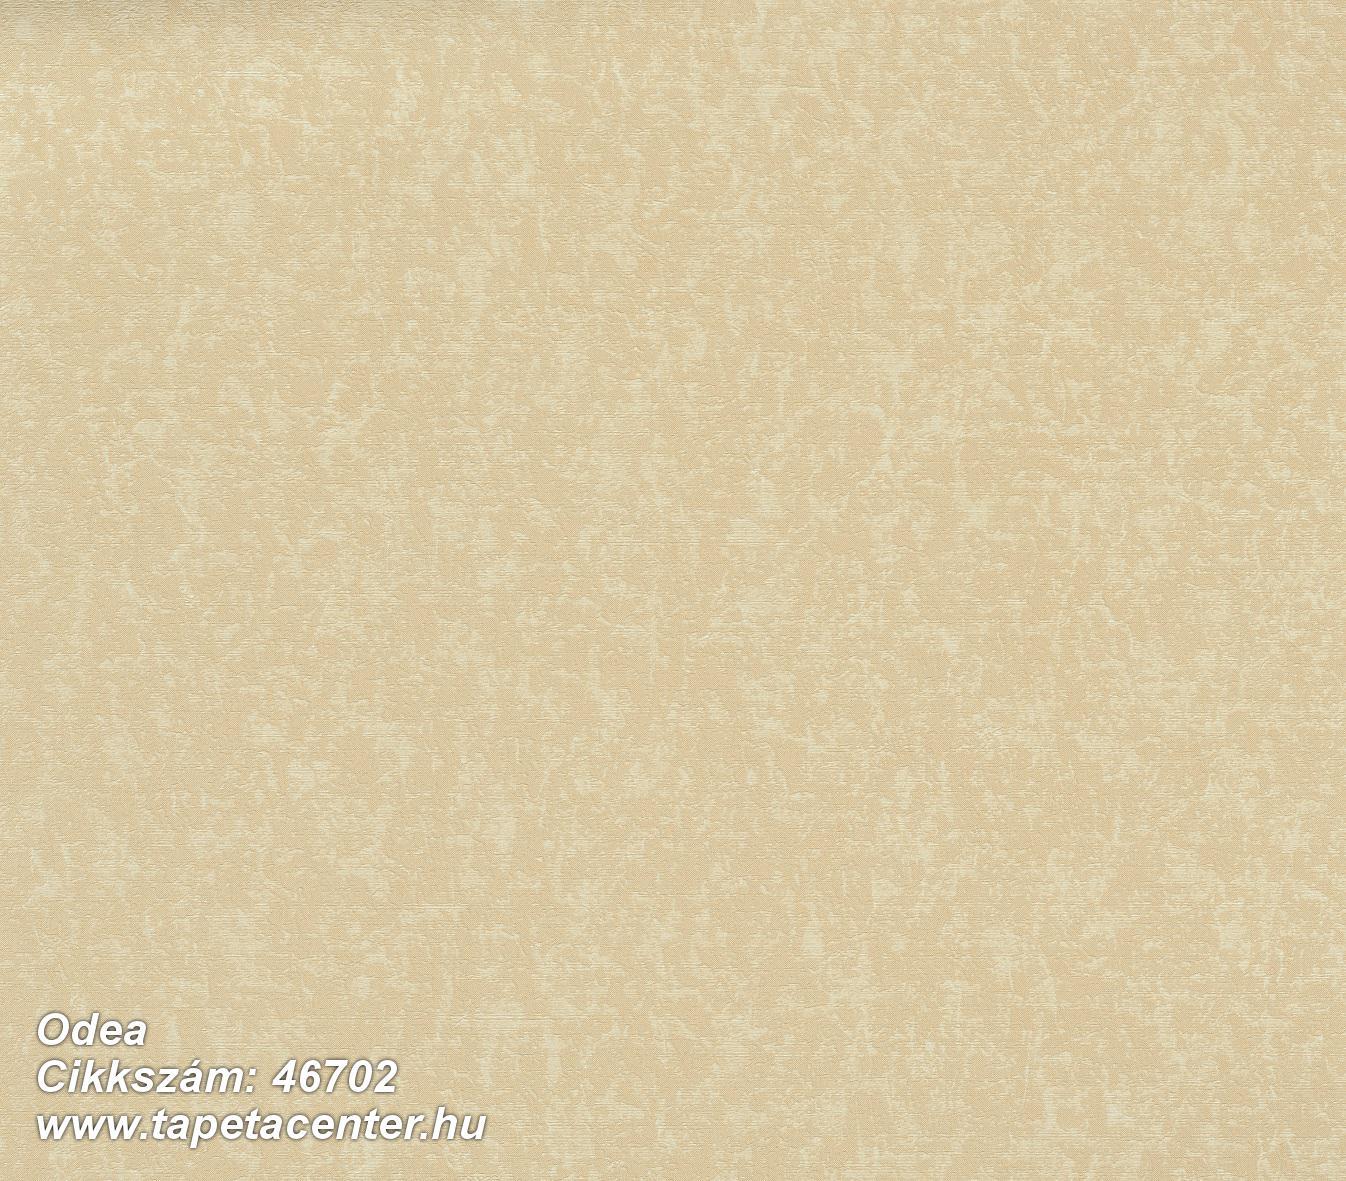 Odea - 46702 Olasz tapéta